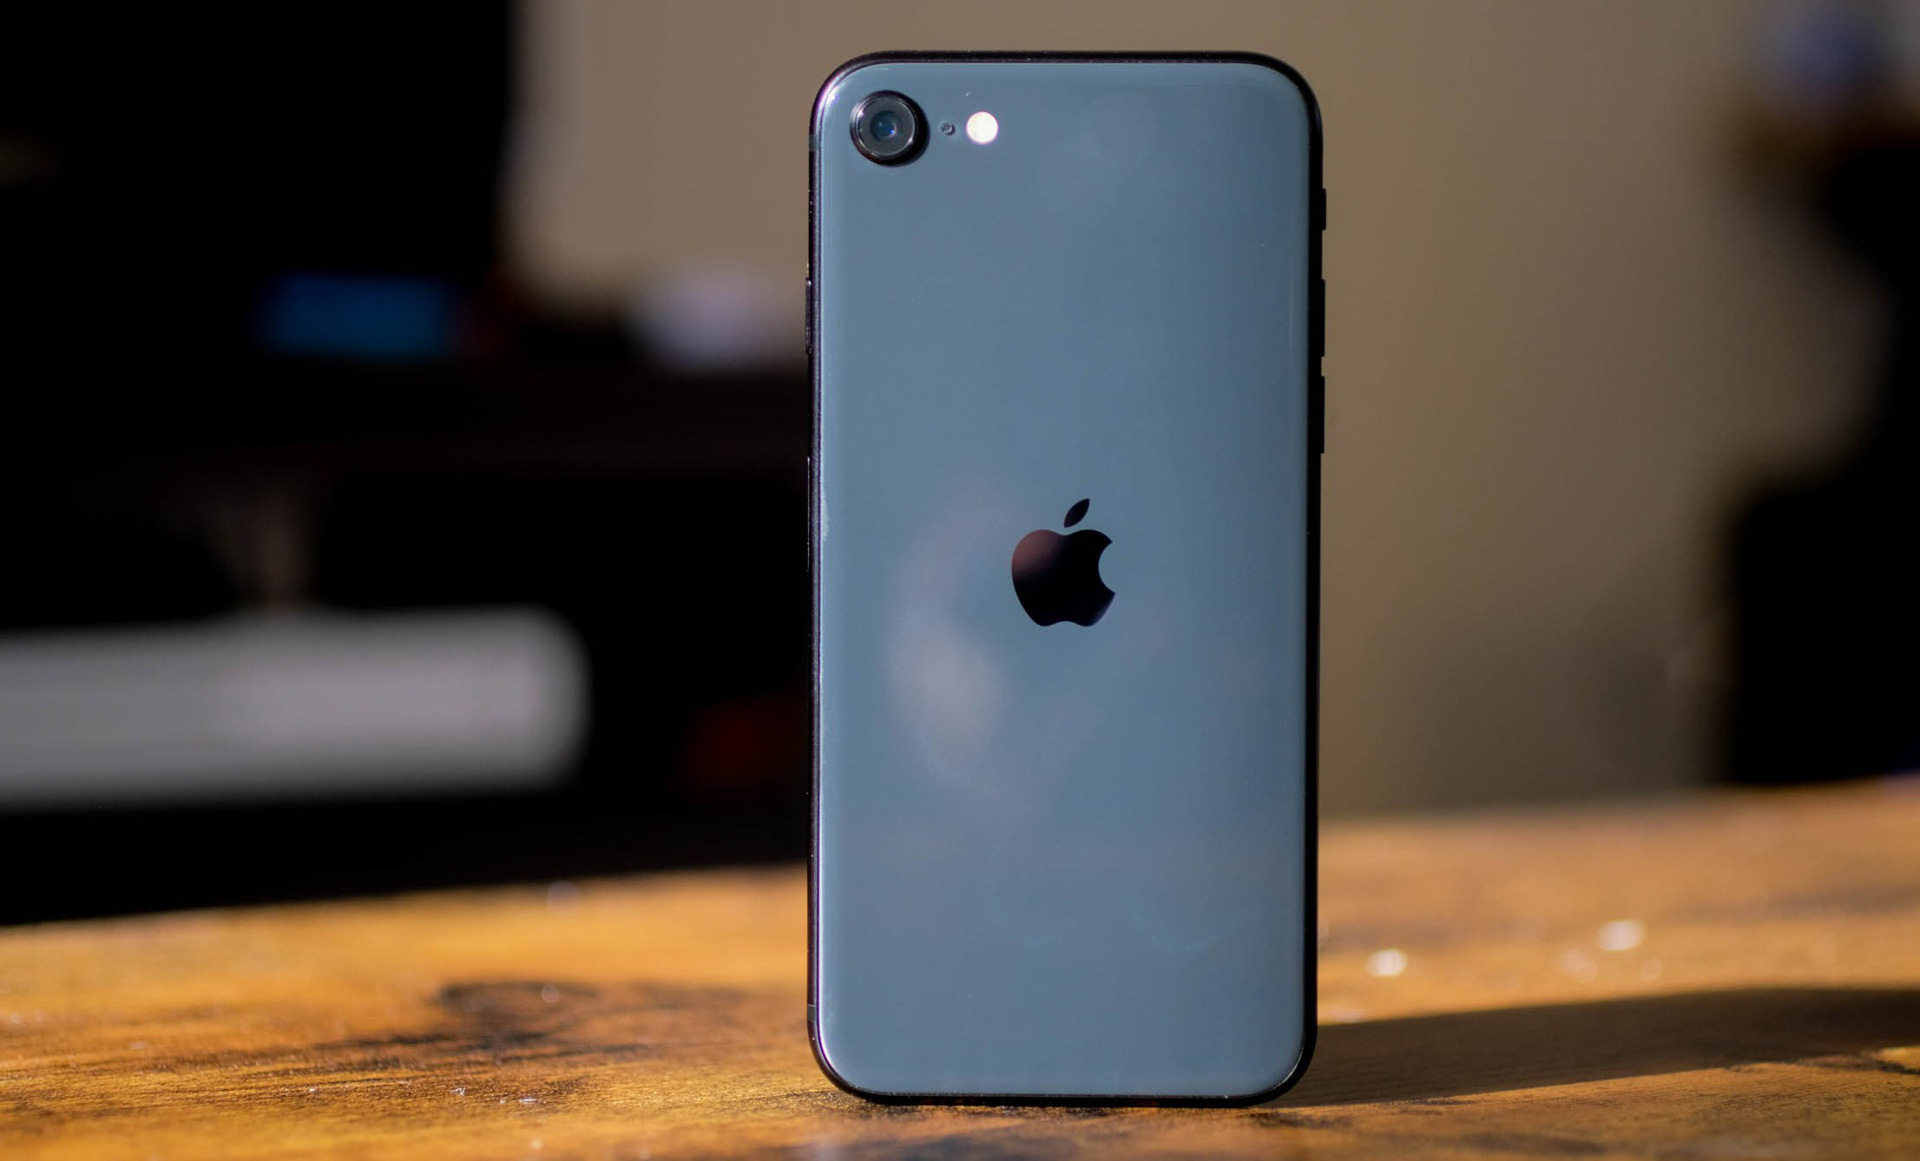 Loạt smartphone cấu hình cao, giá tầm 10 triệu đồng đáng mua - Ảnh 3.